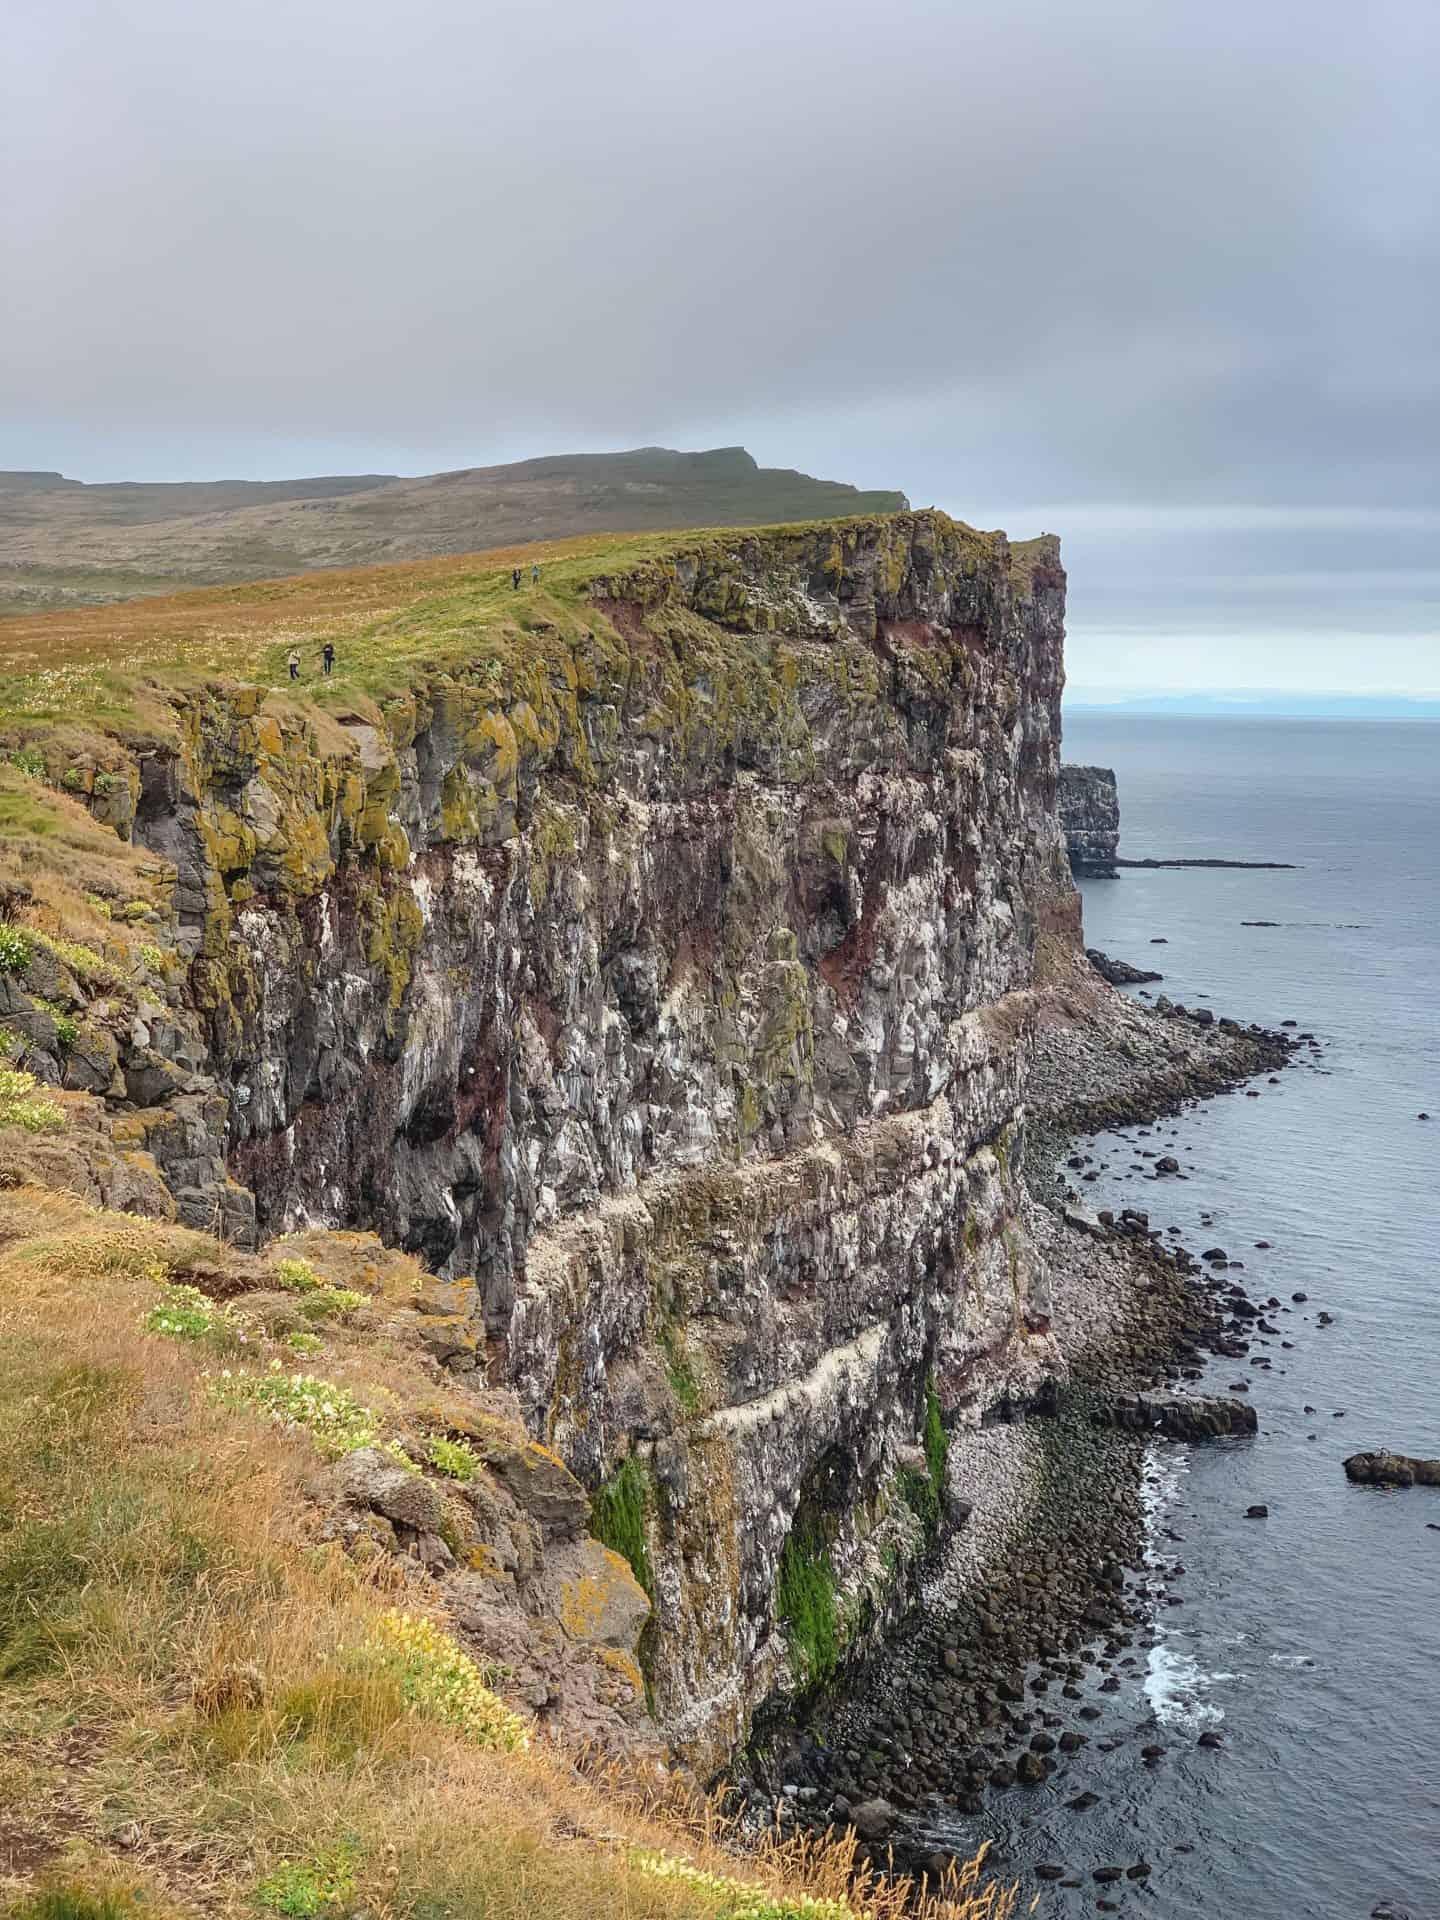 Látrabjarg Cliffs in the Westfjords of Iceland